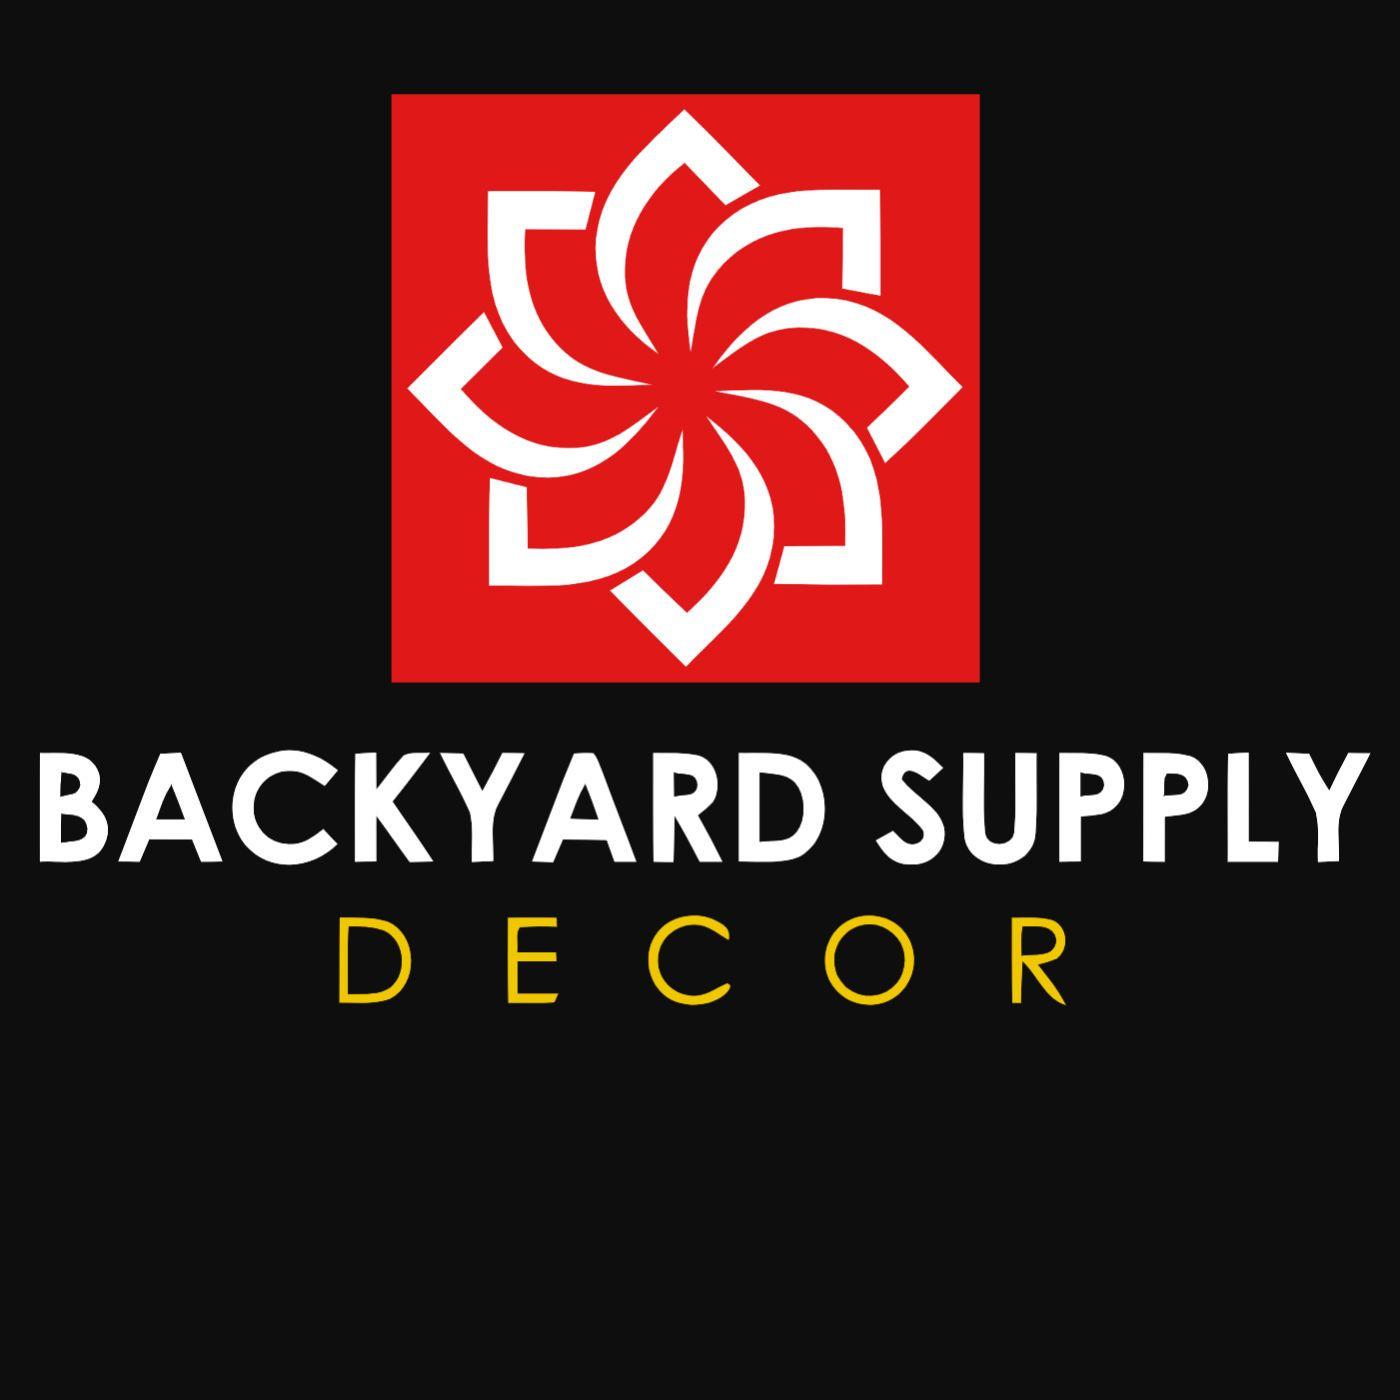 Backyard Supply Decor: Gorgeous Outdoor Decor And Outdoor